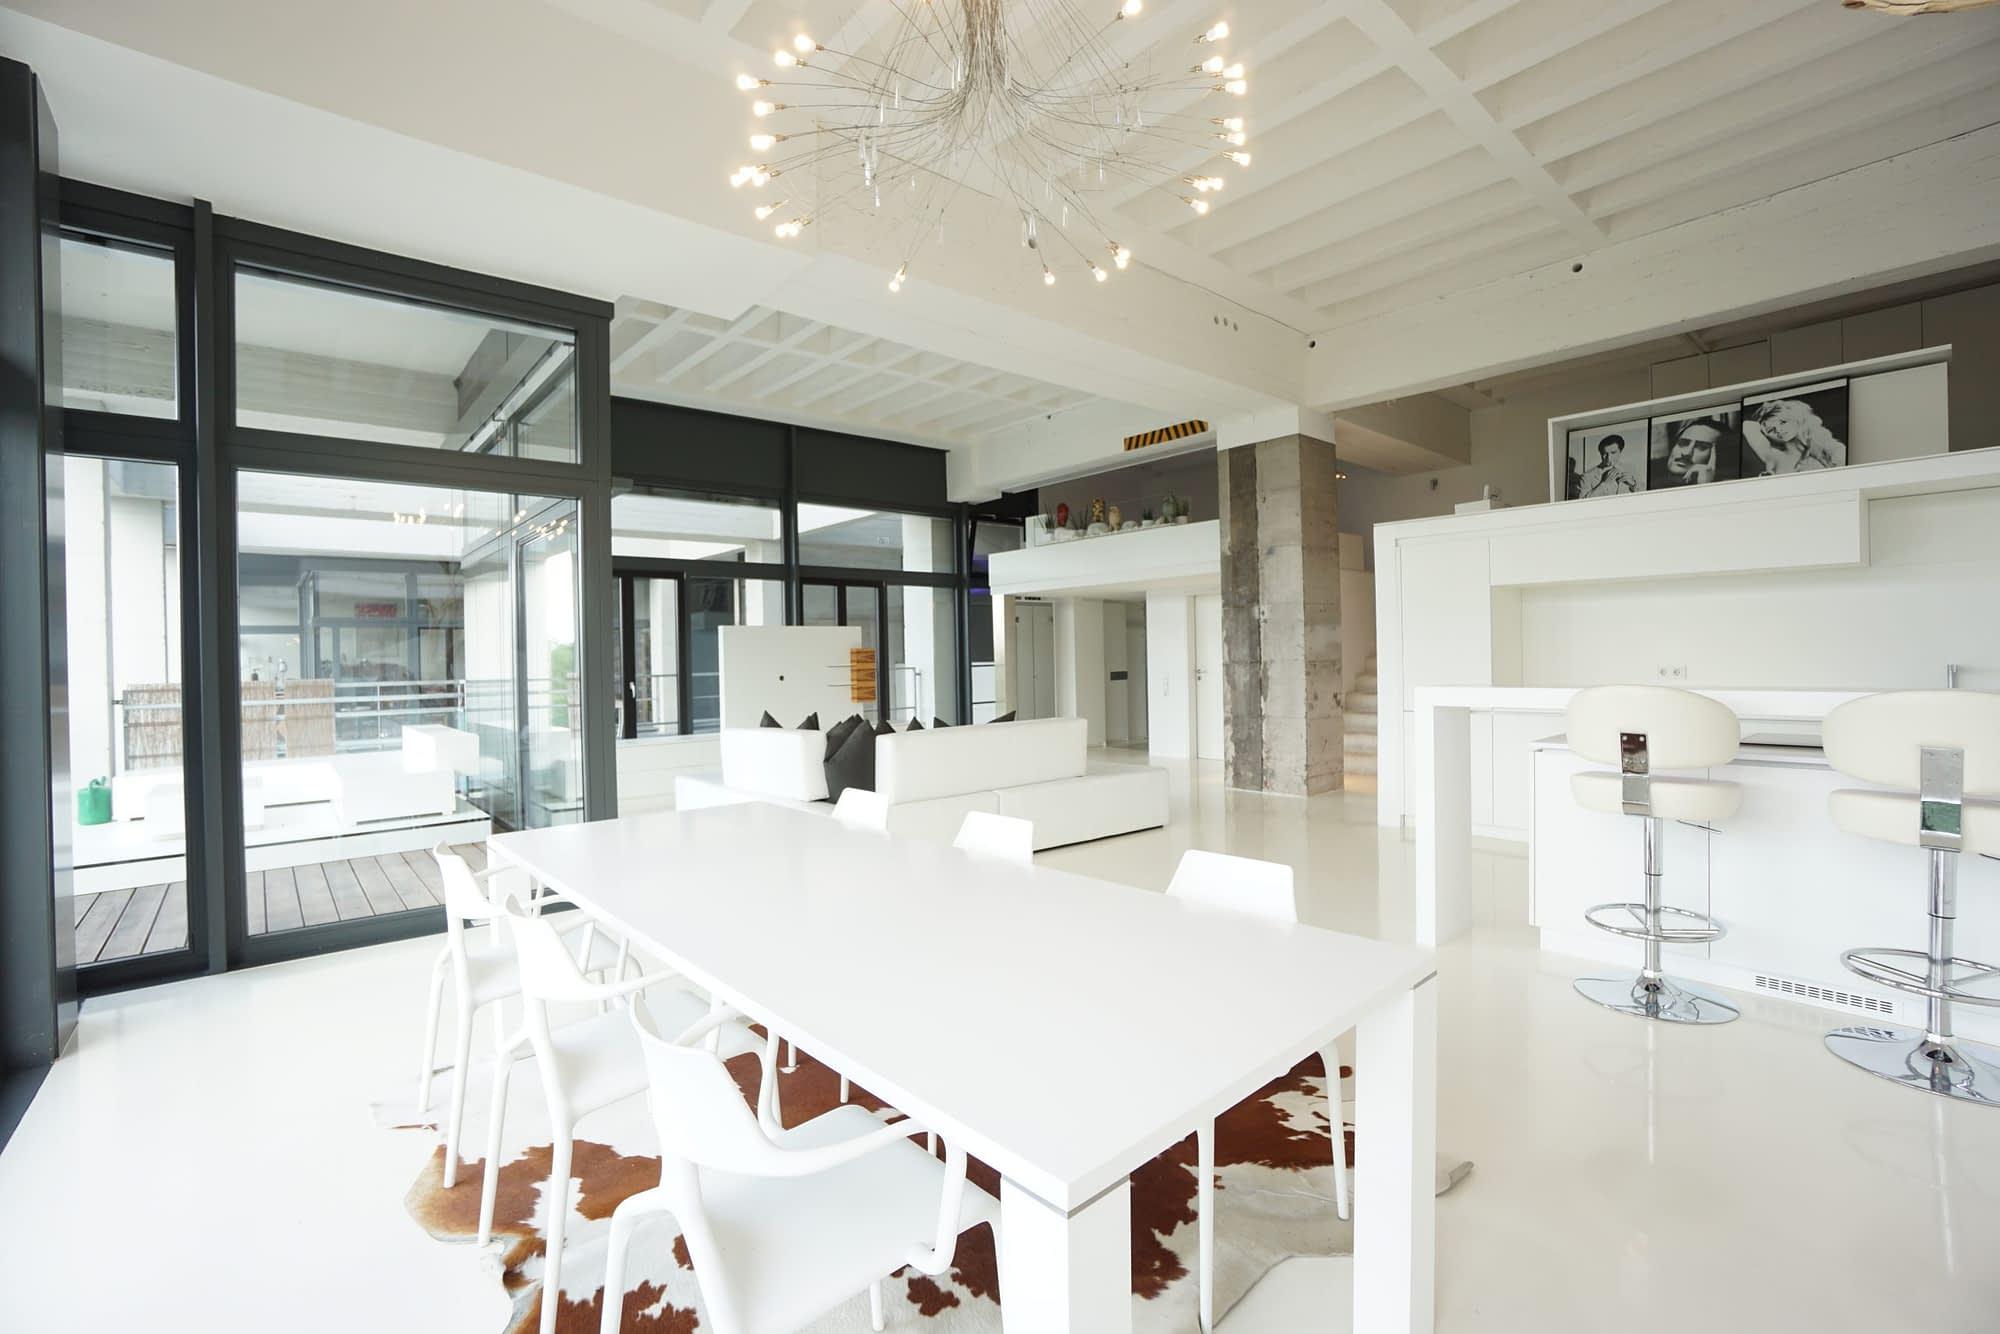 Verkauft - Exclusive Loft-Wohnung im Stadtregal